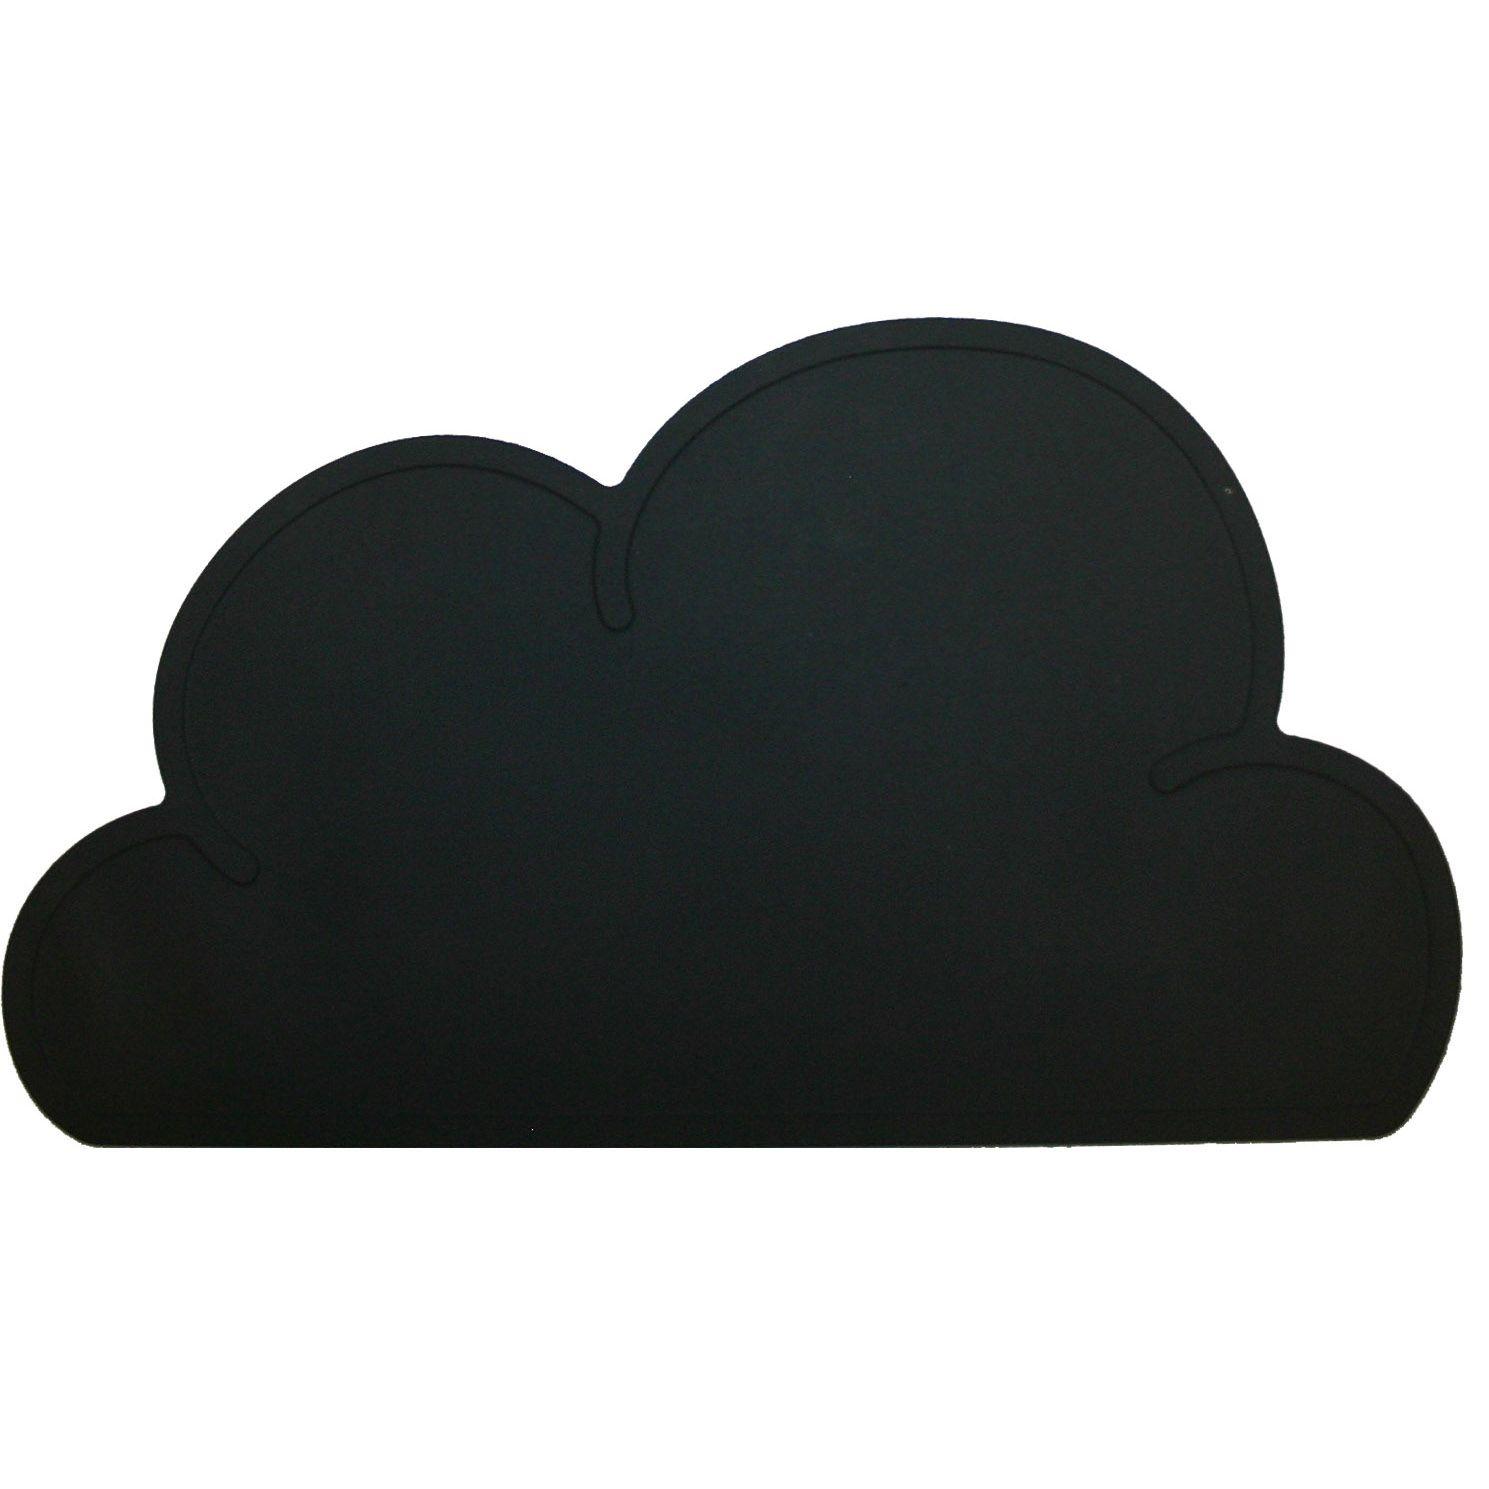 Kg design Dækkeserviet fra kg design - sky - sort på babygear.dk